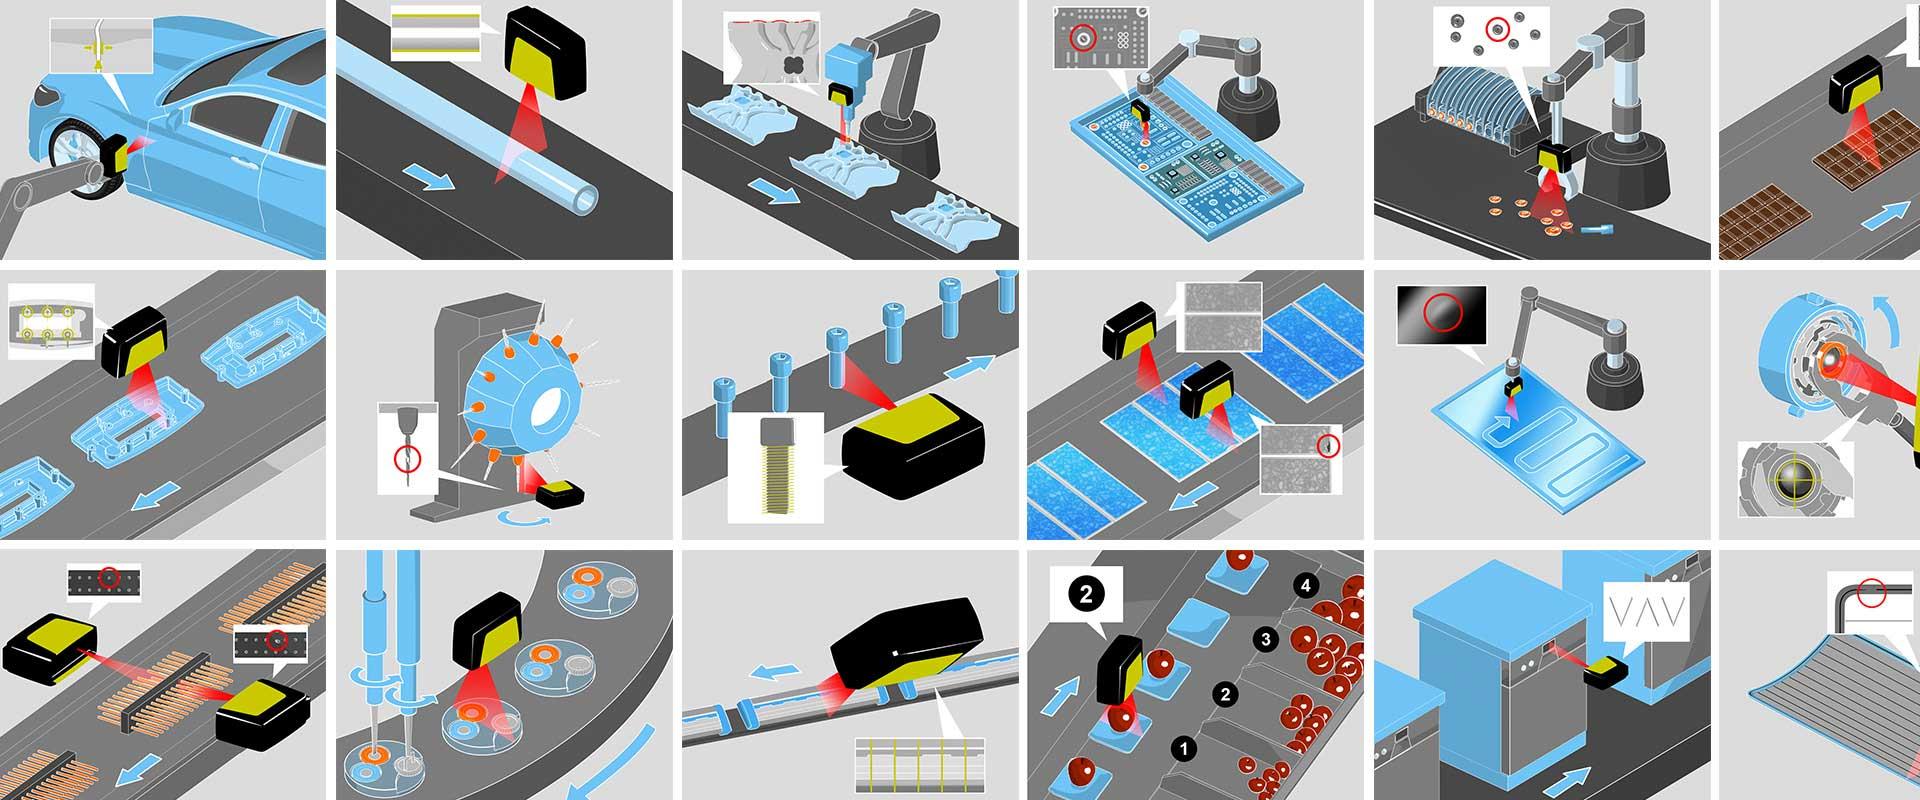 Illustration für technische Applikationen